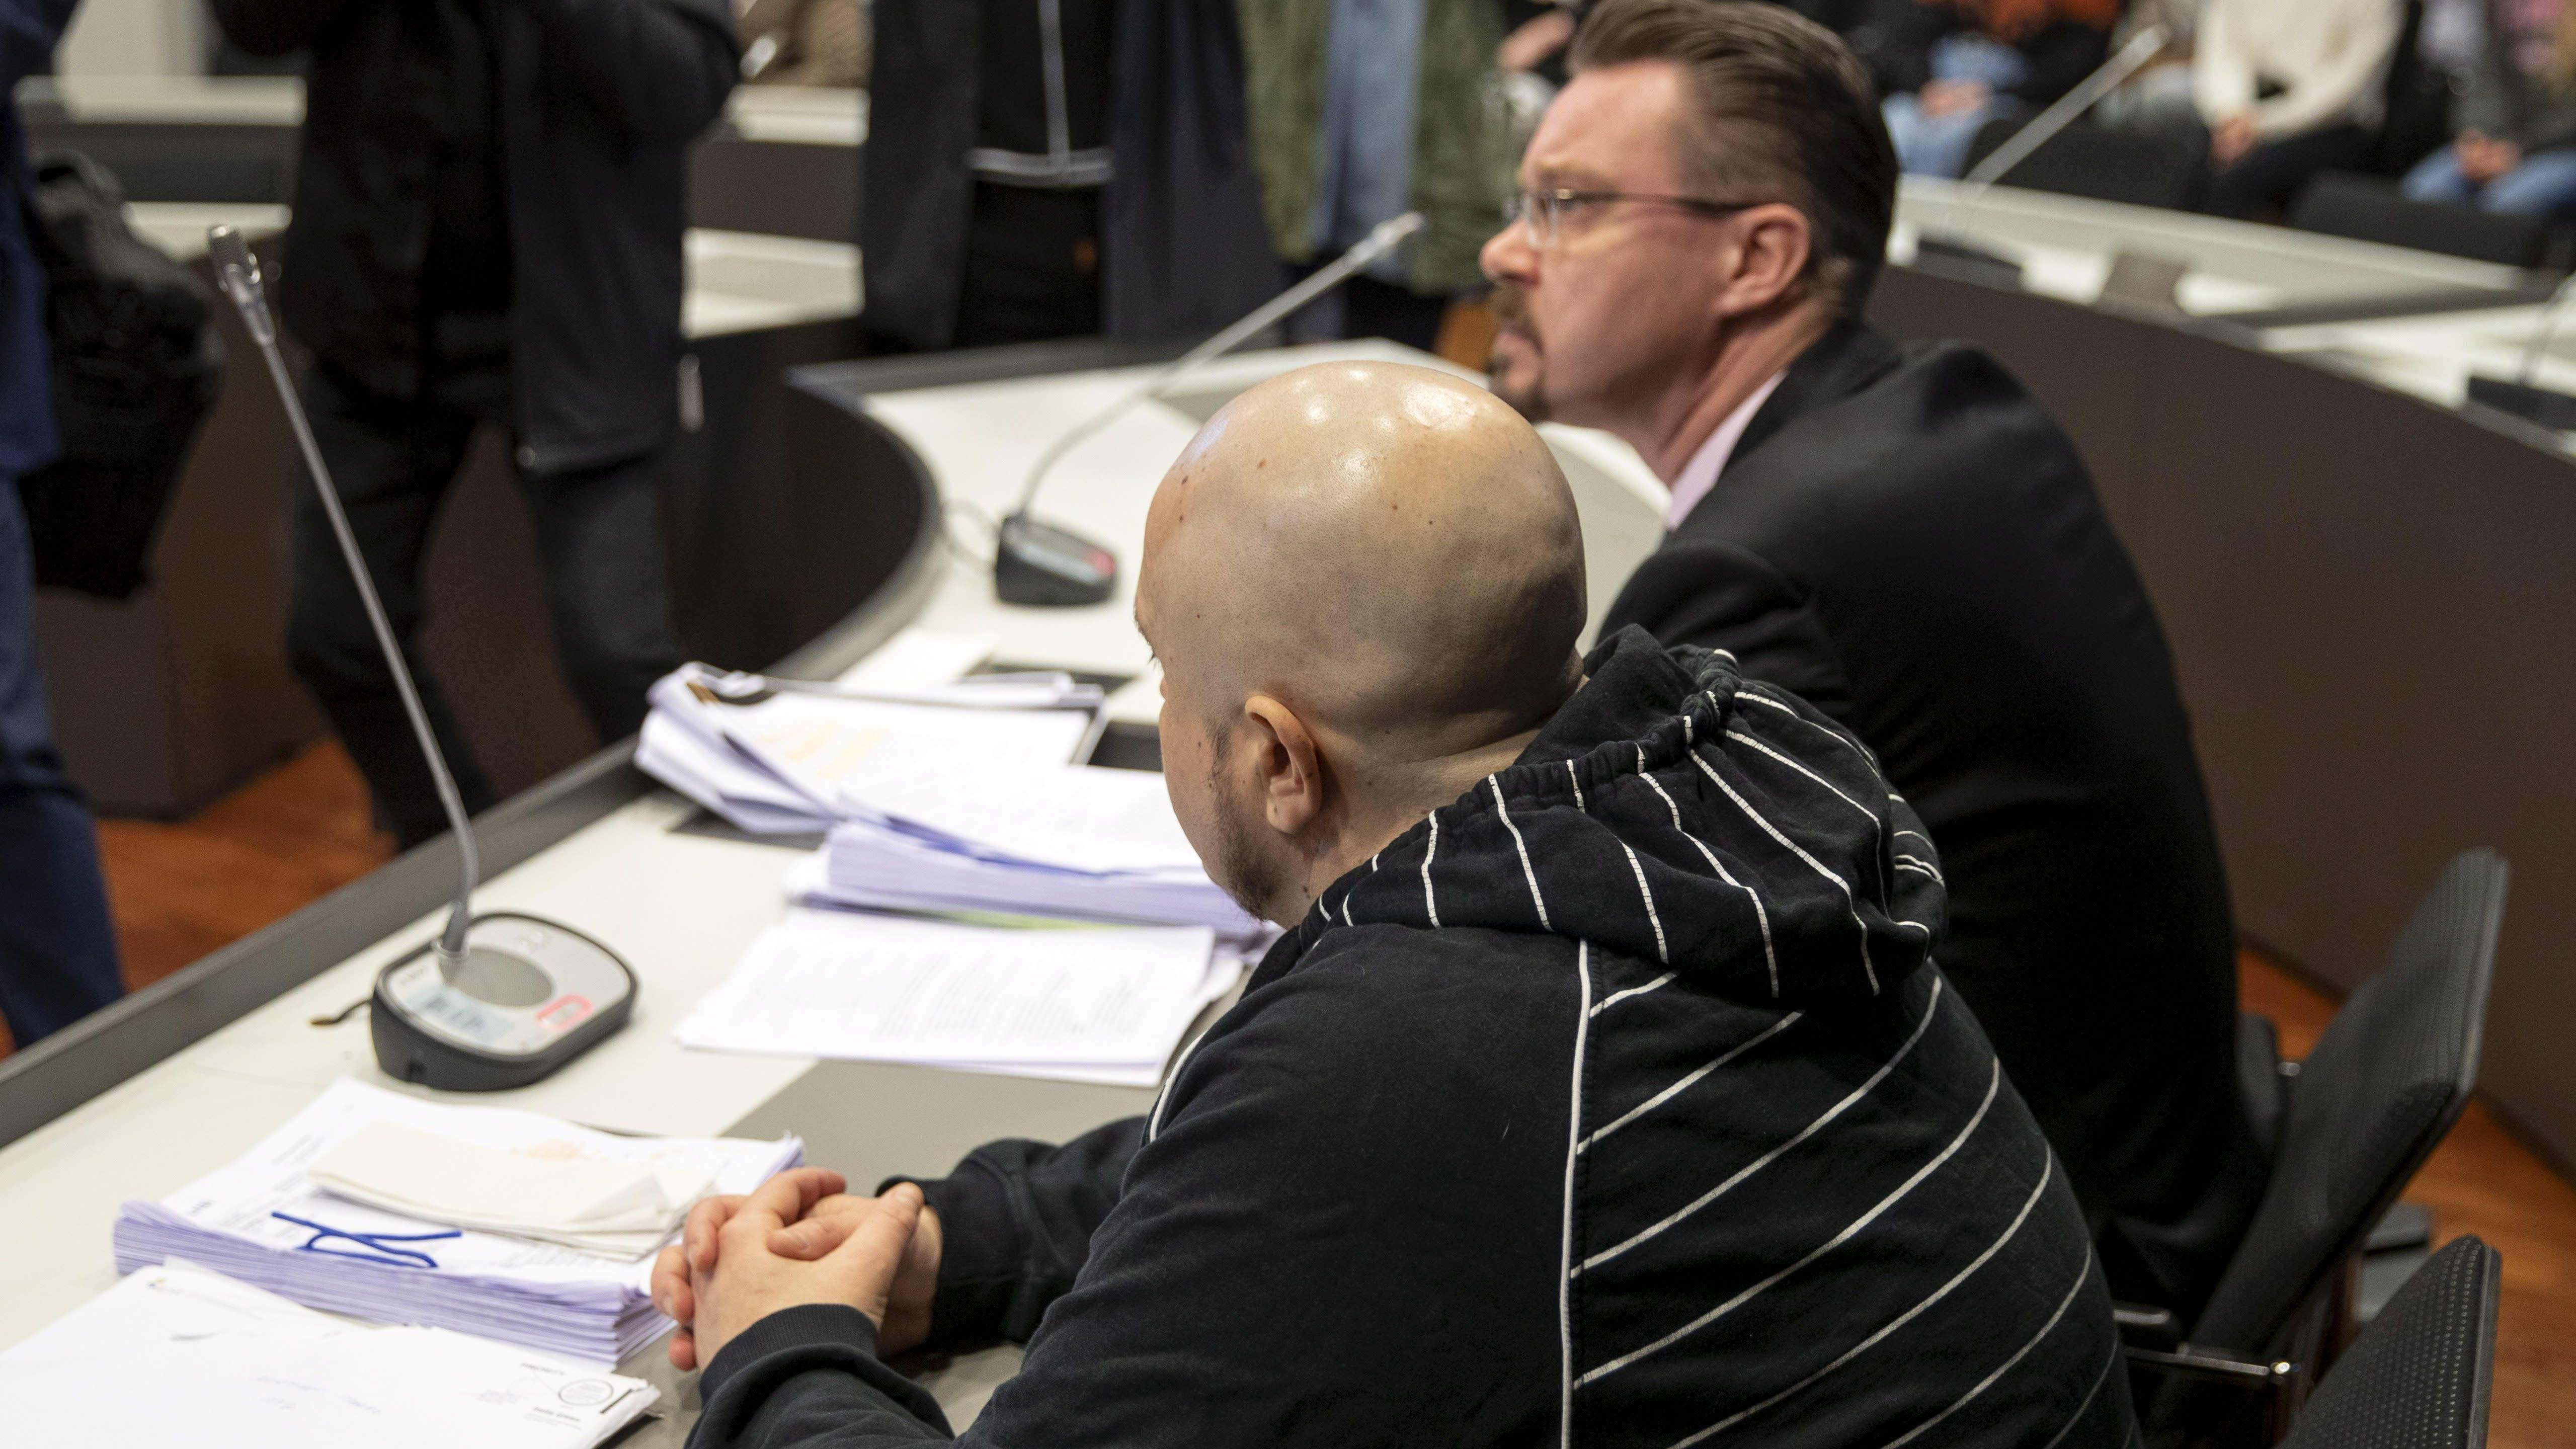 Turussa vuonna 2002 tapahtuneen arvokuljetusryöstön yrityksen oikeuskäsittely alkoi Varsinais-Suomen käräjäoikeudessa Turussa 10. helmikuuta 2020. 44-vuotiasta espoolaismiestä (vas.) syytetään törkeän ryöstön yrityksestä.